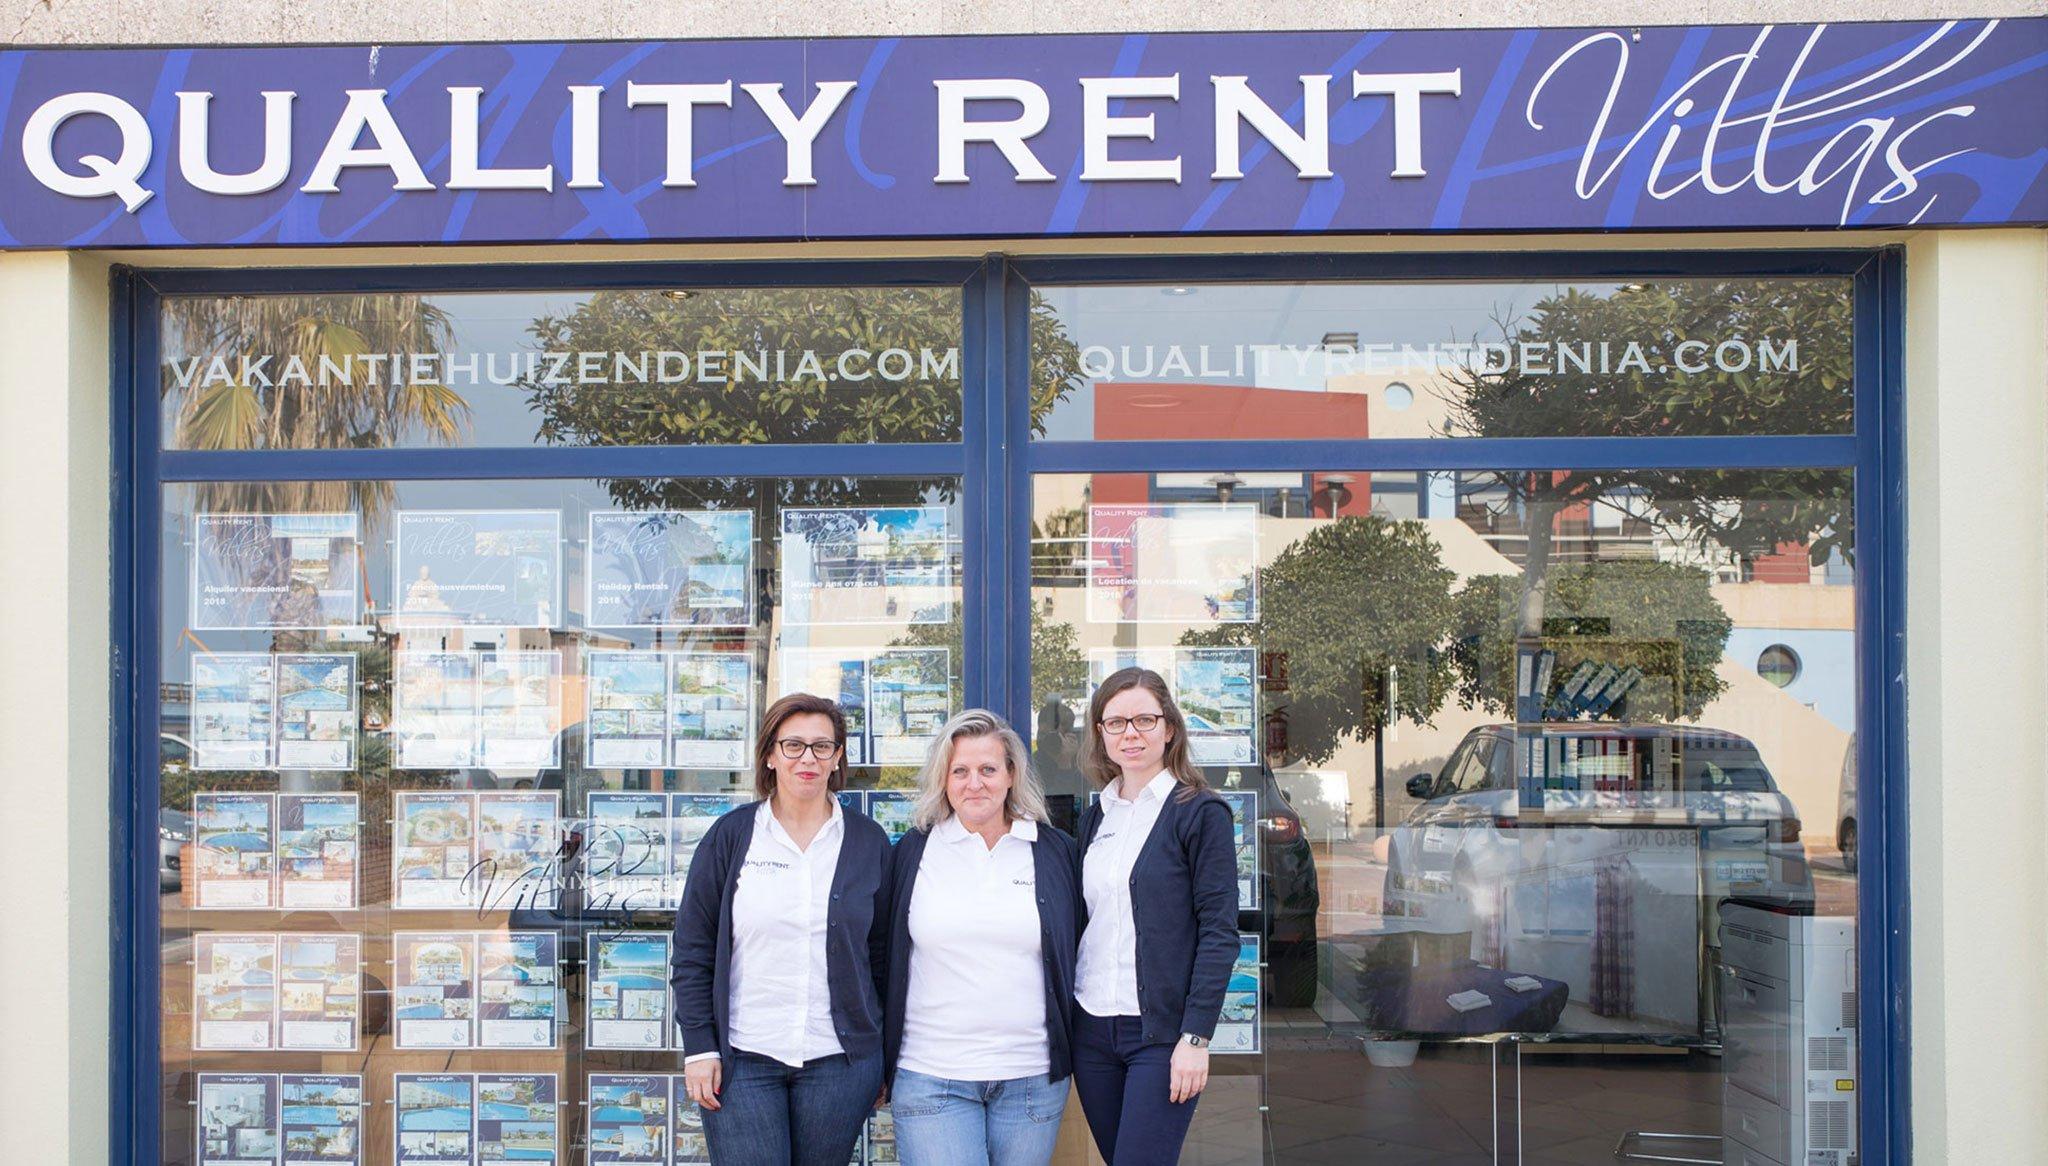 Equip professionals Quality Rent a Vila